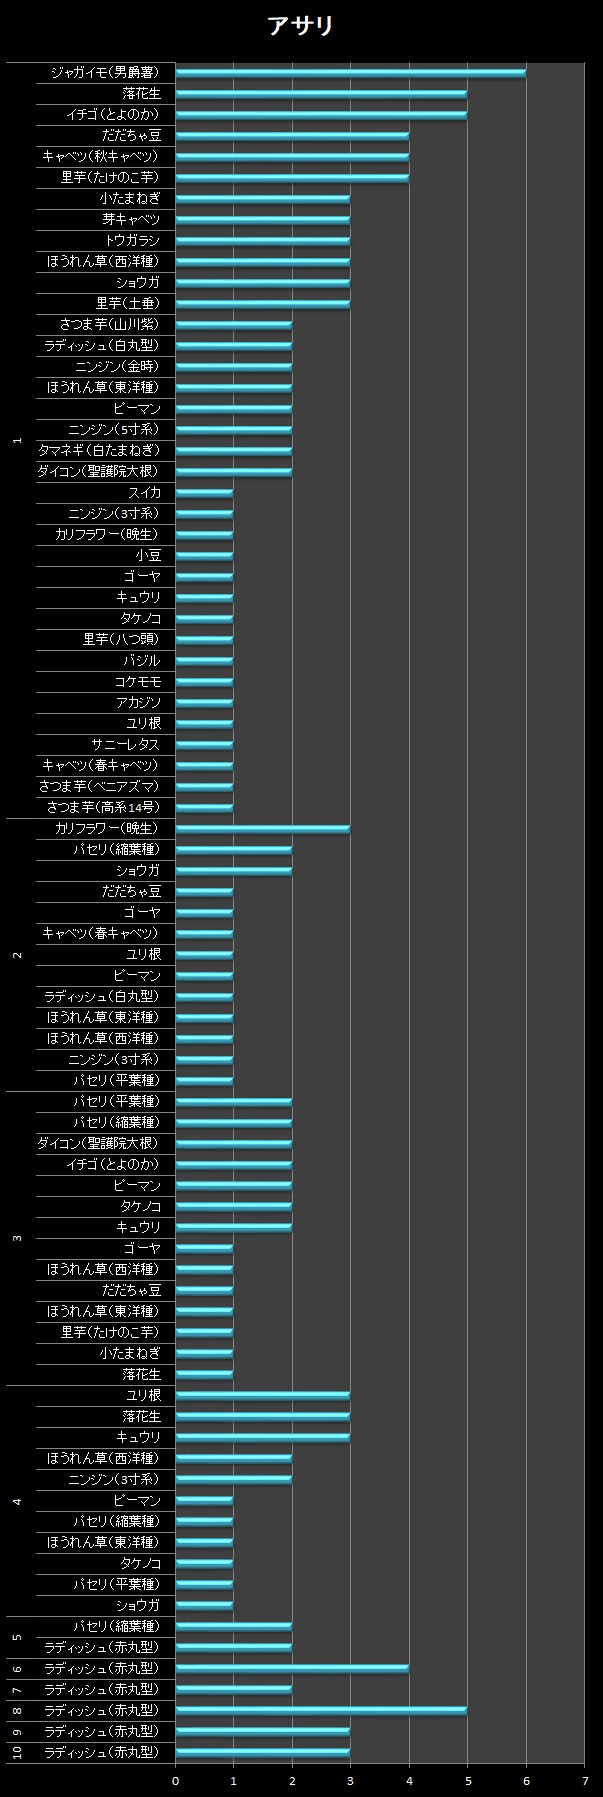 横棒グラフ/アサリ